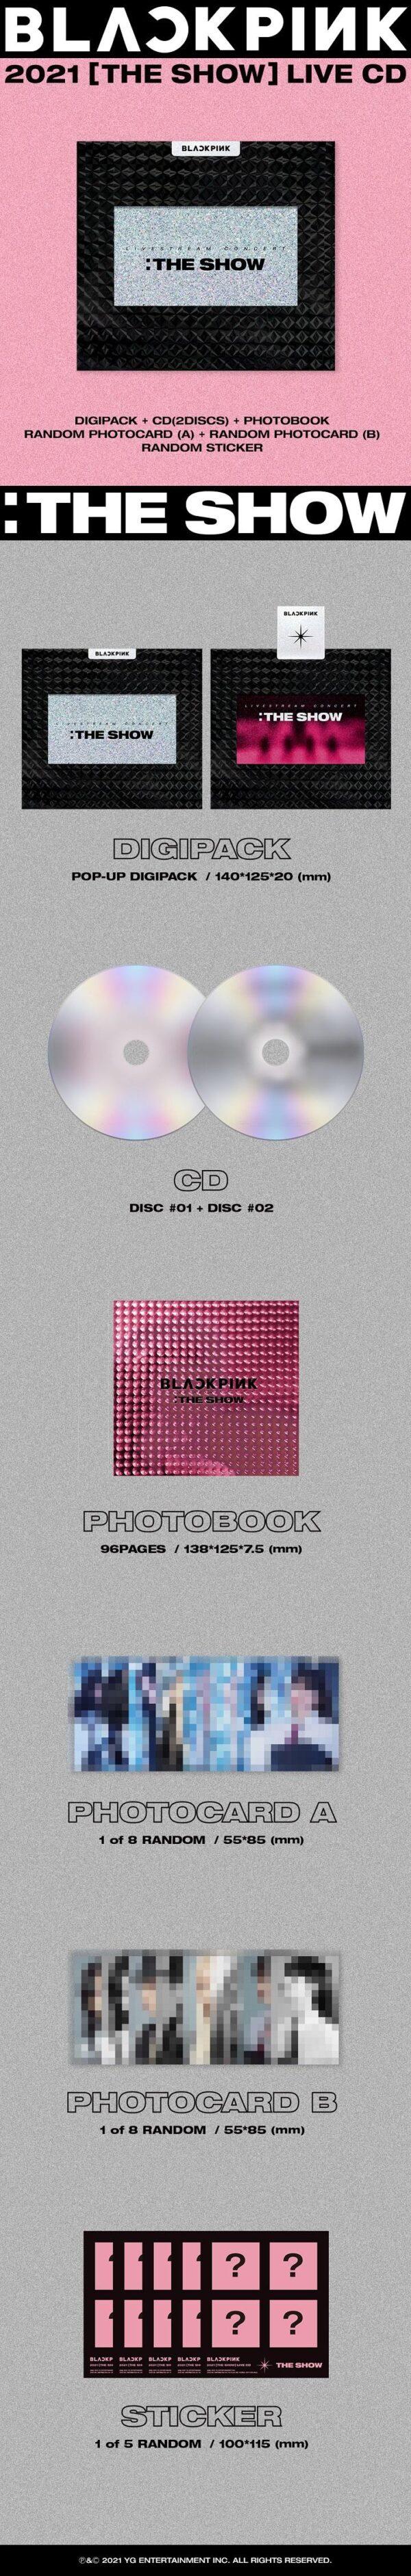 BLACKPINK BLACKPINK 2021 THE SHOW LIVE CD